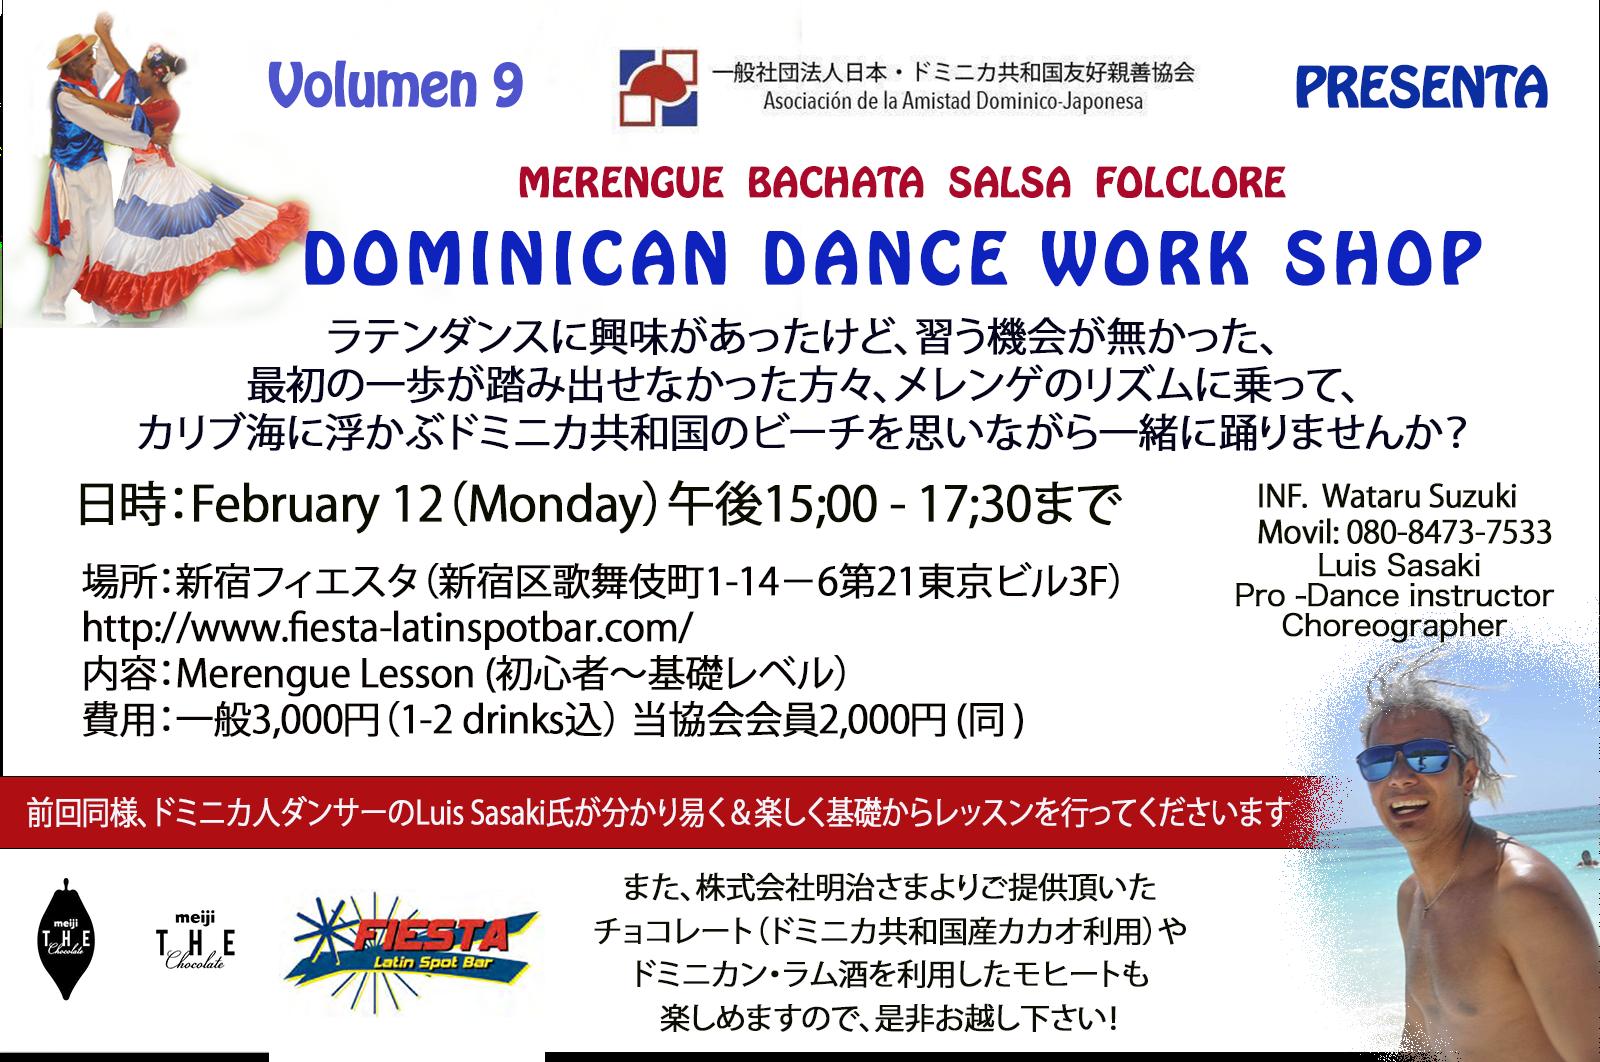 第九回ドミニカンダンス・ワークショップ開催のお知らせ (¡El noveno taller de baile dominicano!)